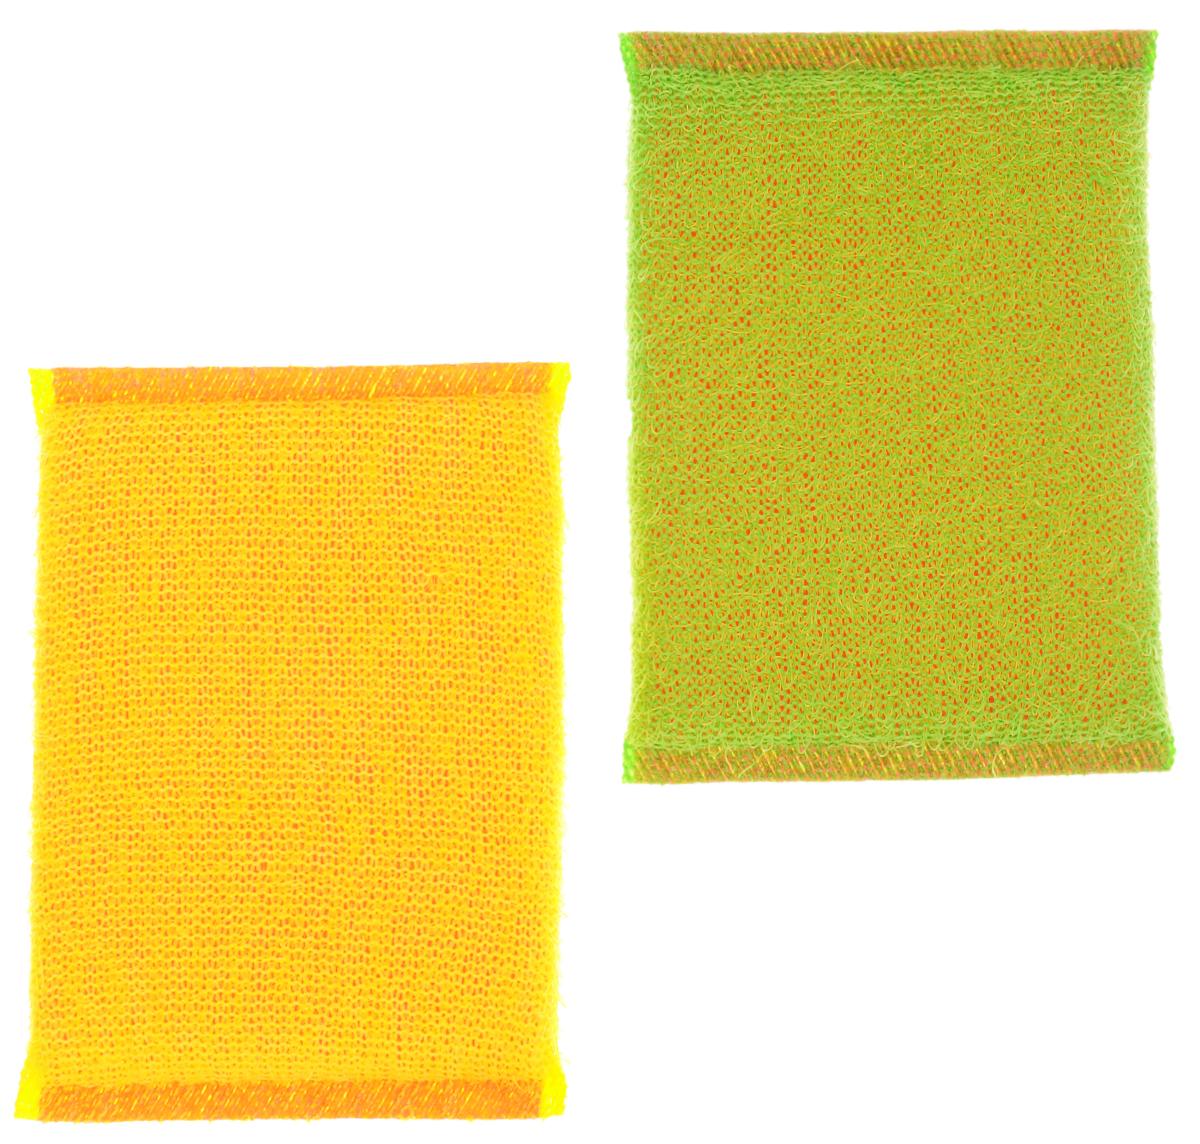 Губка для мытья посуды Хозяюшка Мила Кактус, цвет: желтый, зеленый, 2 шт01008-100_желтый, зеленыйНабор Хозяюшка Мила Кактус состоит из 2 губок, изготовленных из поролона. Они предназначены для интенсивной чистки и удаления сильных загрязнений с посуды (противни, решетки-гриль, кастрюли). Не рекомендуется использовать для посуды с антипригарным покрытием. Губки сохраняют чистоту и свежесть даже после многократного применения, а их эргономичная форма удобна для руки. Размер губки: 12 см х 2 см х 8 см.